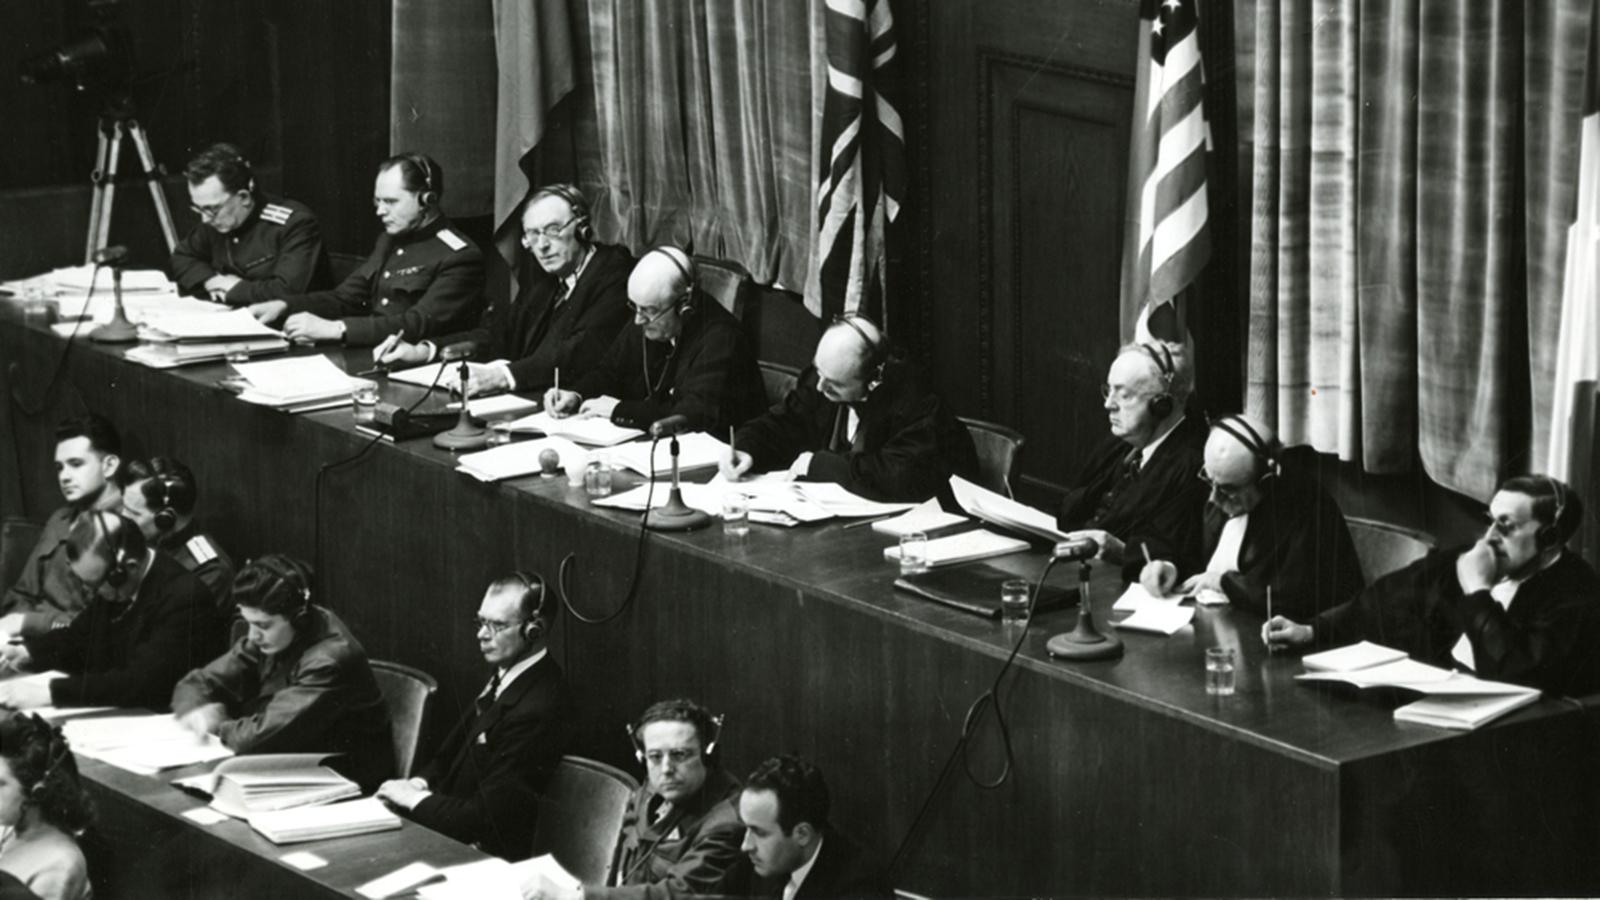 1 октября 1946 года оглашением приговора главным нацистским преступникам завершился проходивший в Германии Нюрнбергский процесс. Международный военный трибунал был сформирован напаритетных началах изпредставителей четырех стран —СССР, США, Великобритании и Франции. В ходе судебных заседаний эксперты исследовали тонны документов, просмотрели километры фотопленок и бессчетное количество фотоснимков. На страницах «Известий» подробно освещалось происходившее в Нюрнберге. Аккредитованный от газеты Илья Эренбург писал репортажи, карикатурист Борис Ефимов рисовал в зале суда карикатуры на нацистских преступников.